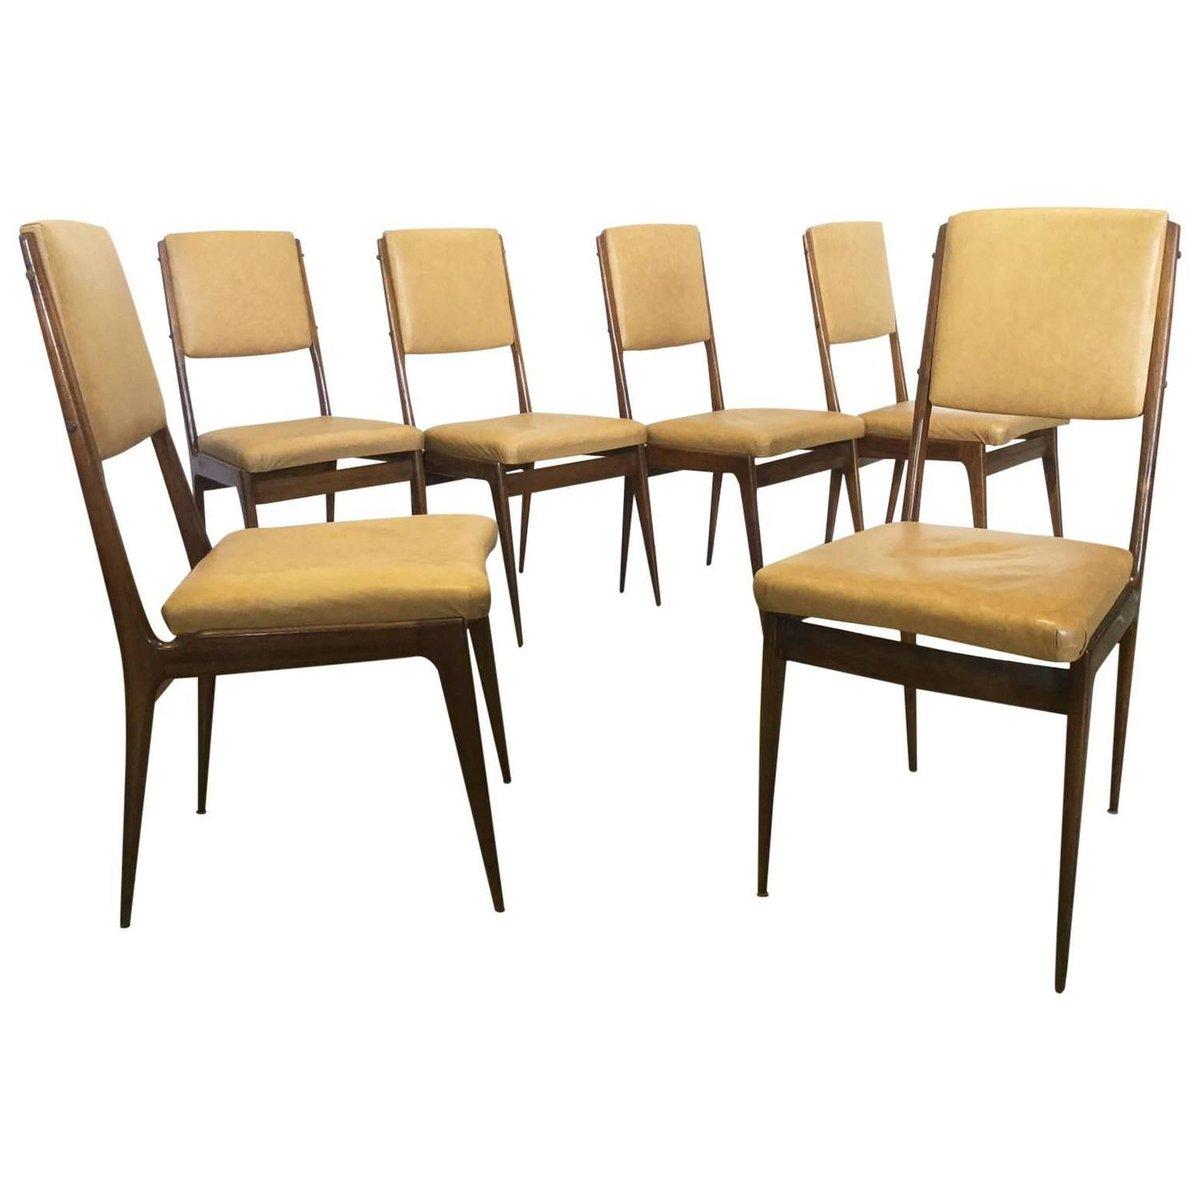 nussholz skai esszimmerst hle 1950er 6er set bei. Black Bedroom Furniture Sets. Home Design Ideas